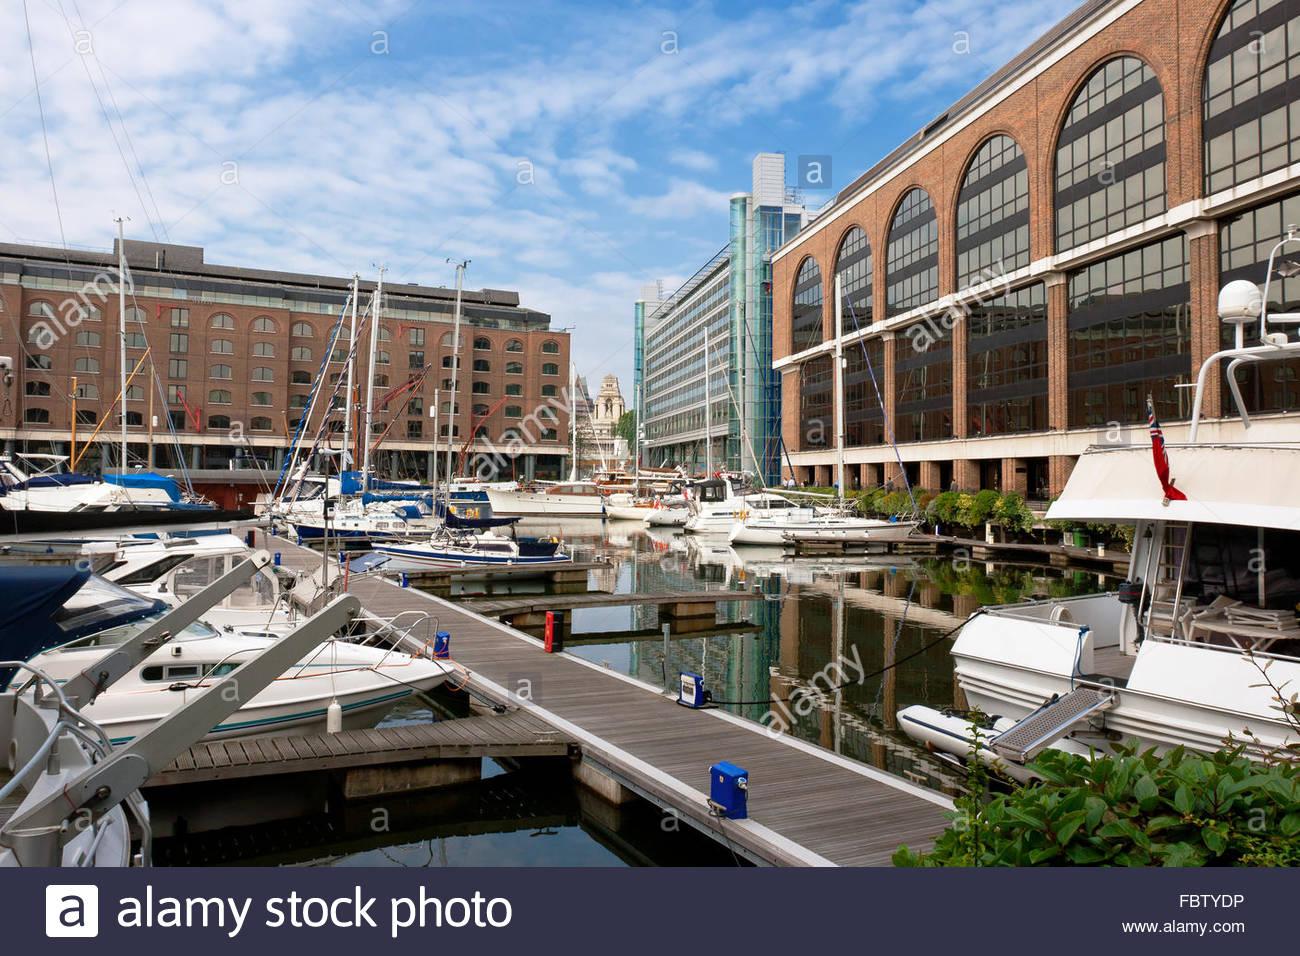 St Katharine's Dock. London, England - Stock Image